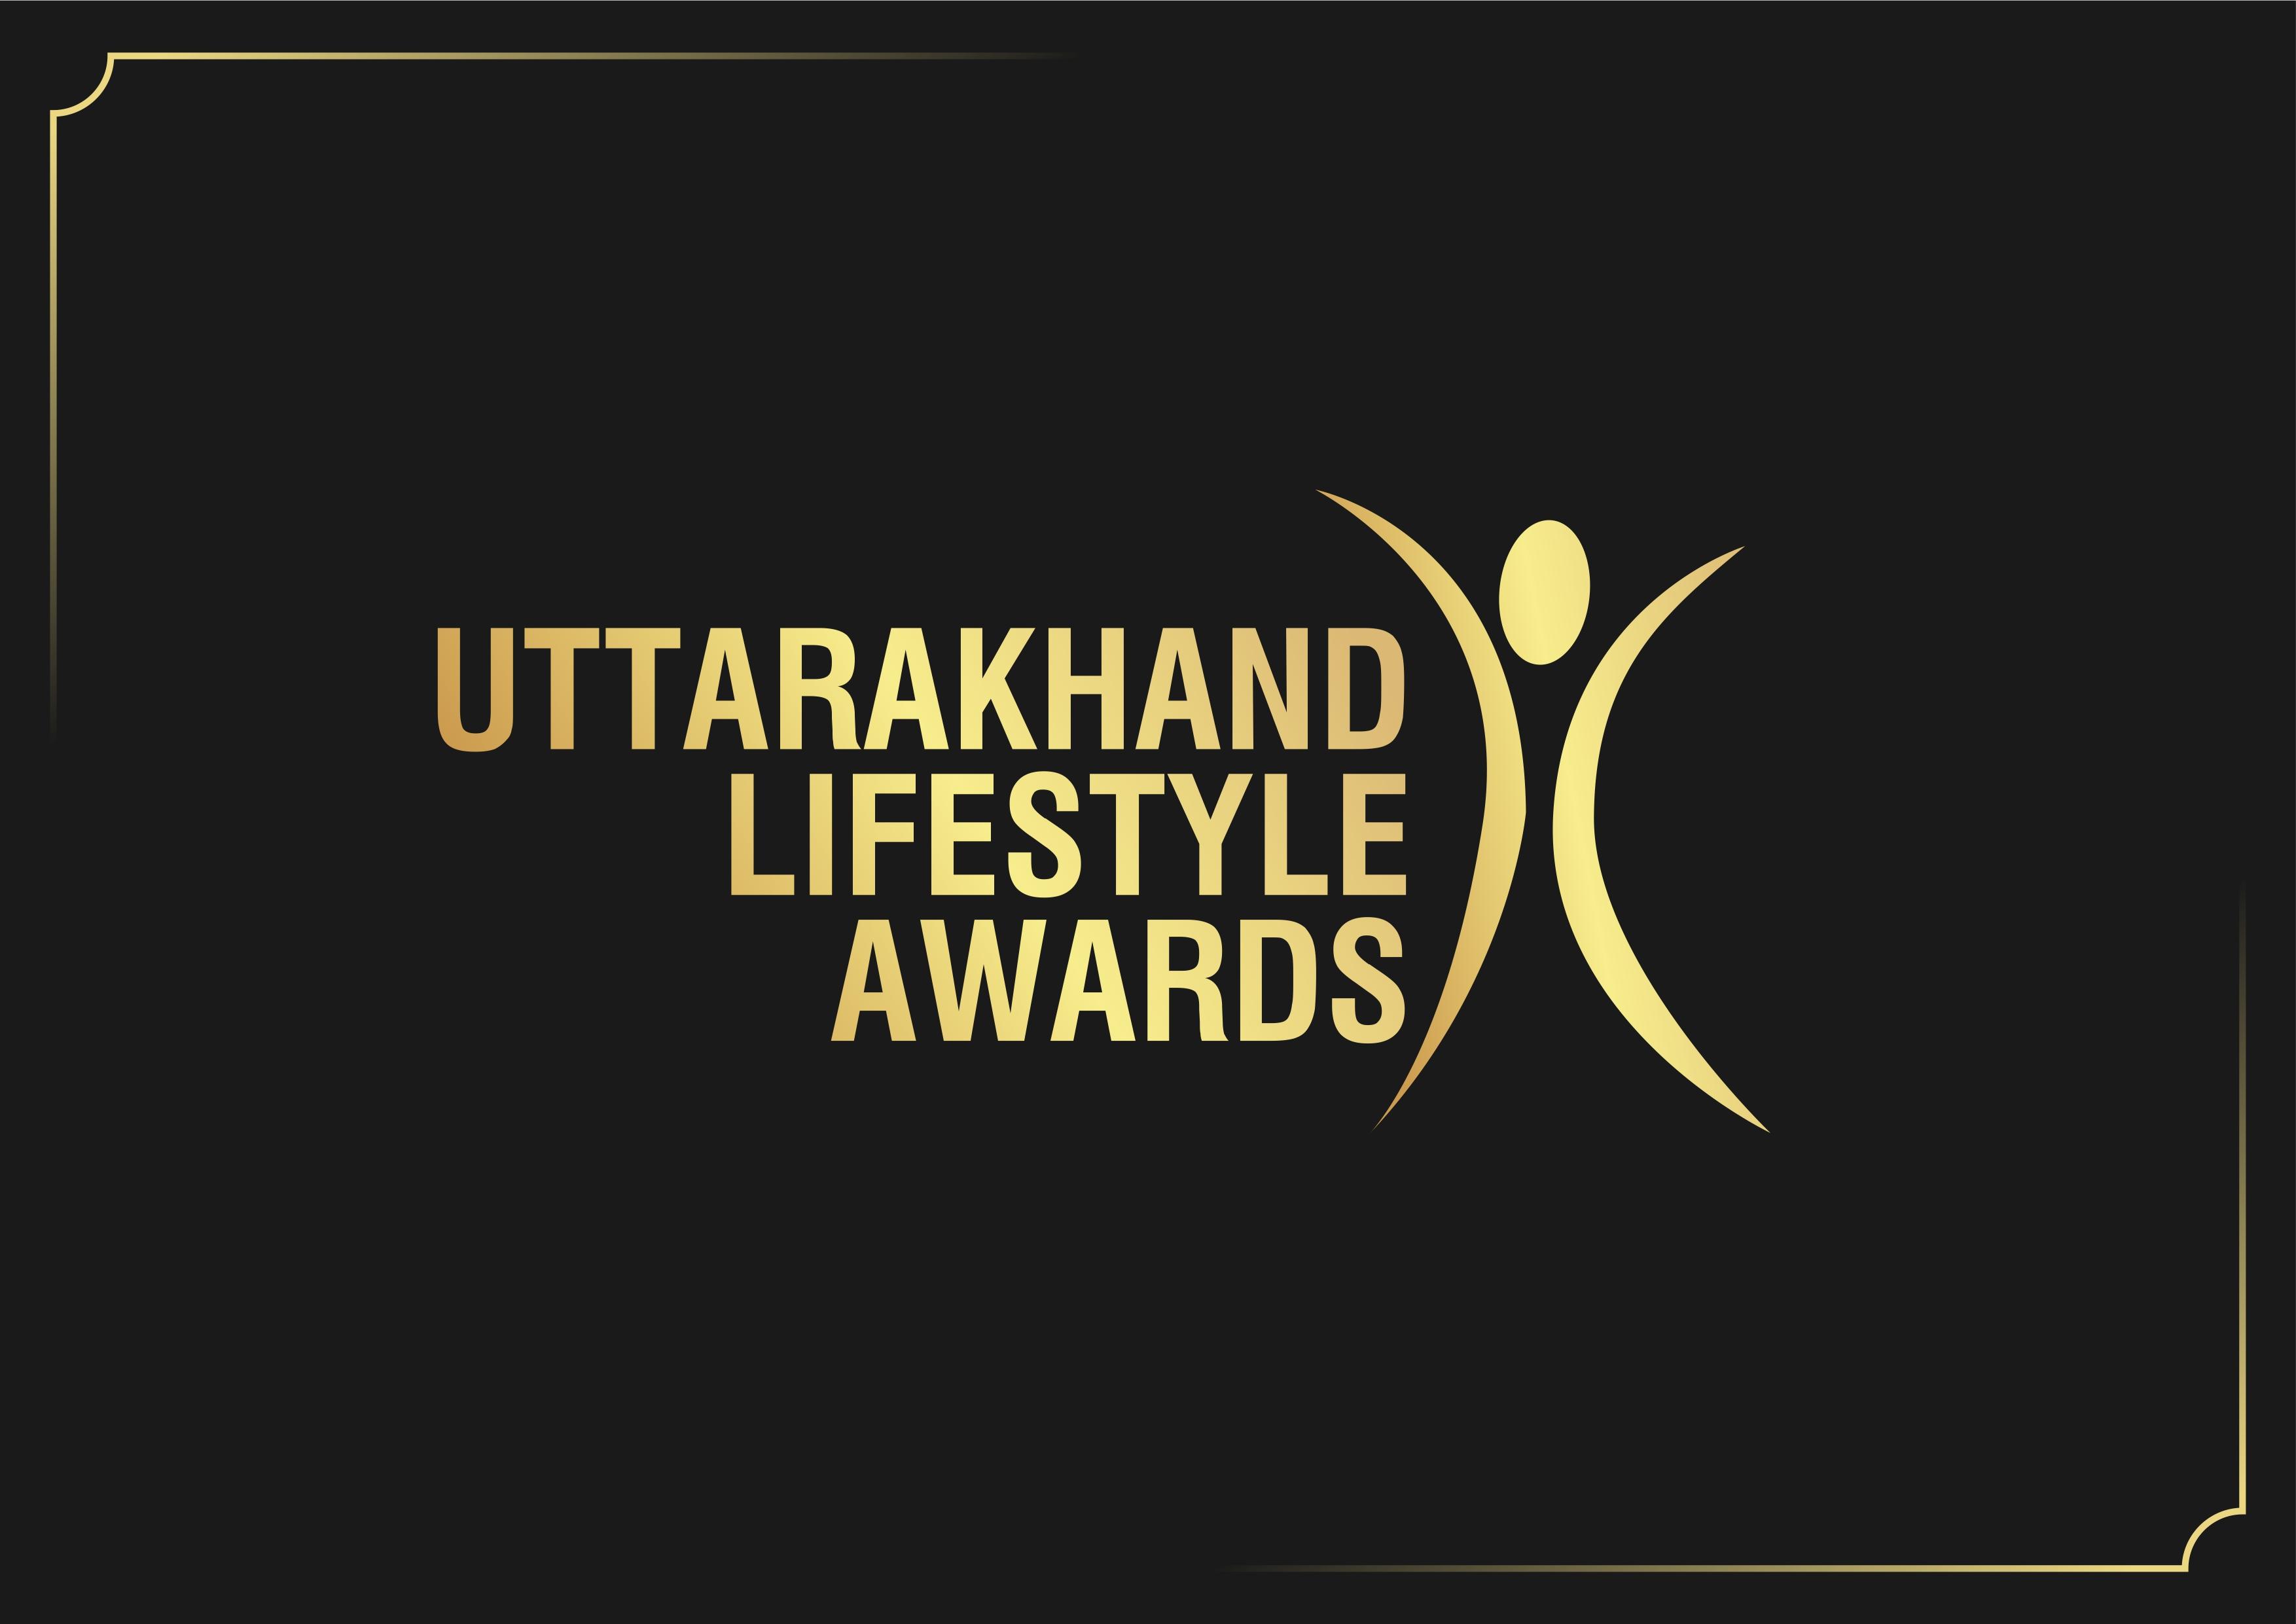 Uttarakhand Lifestyle Awards 2020